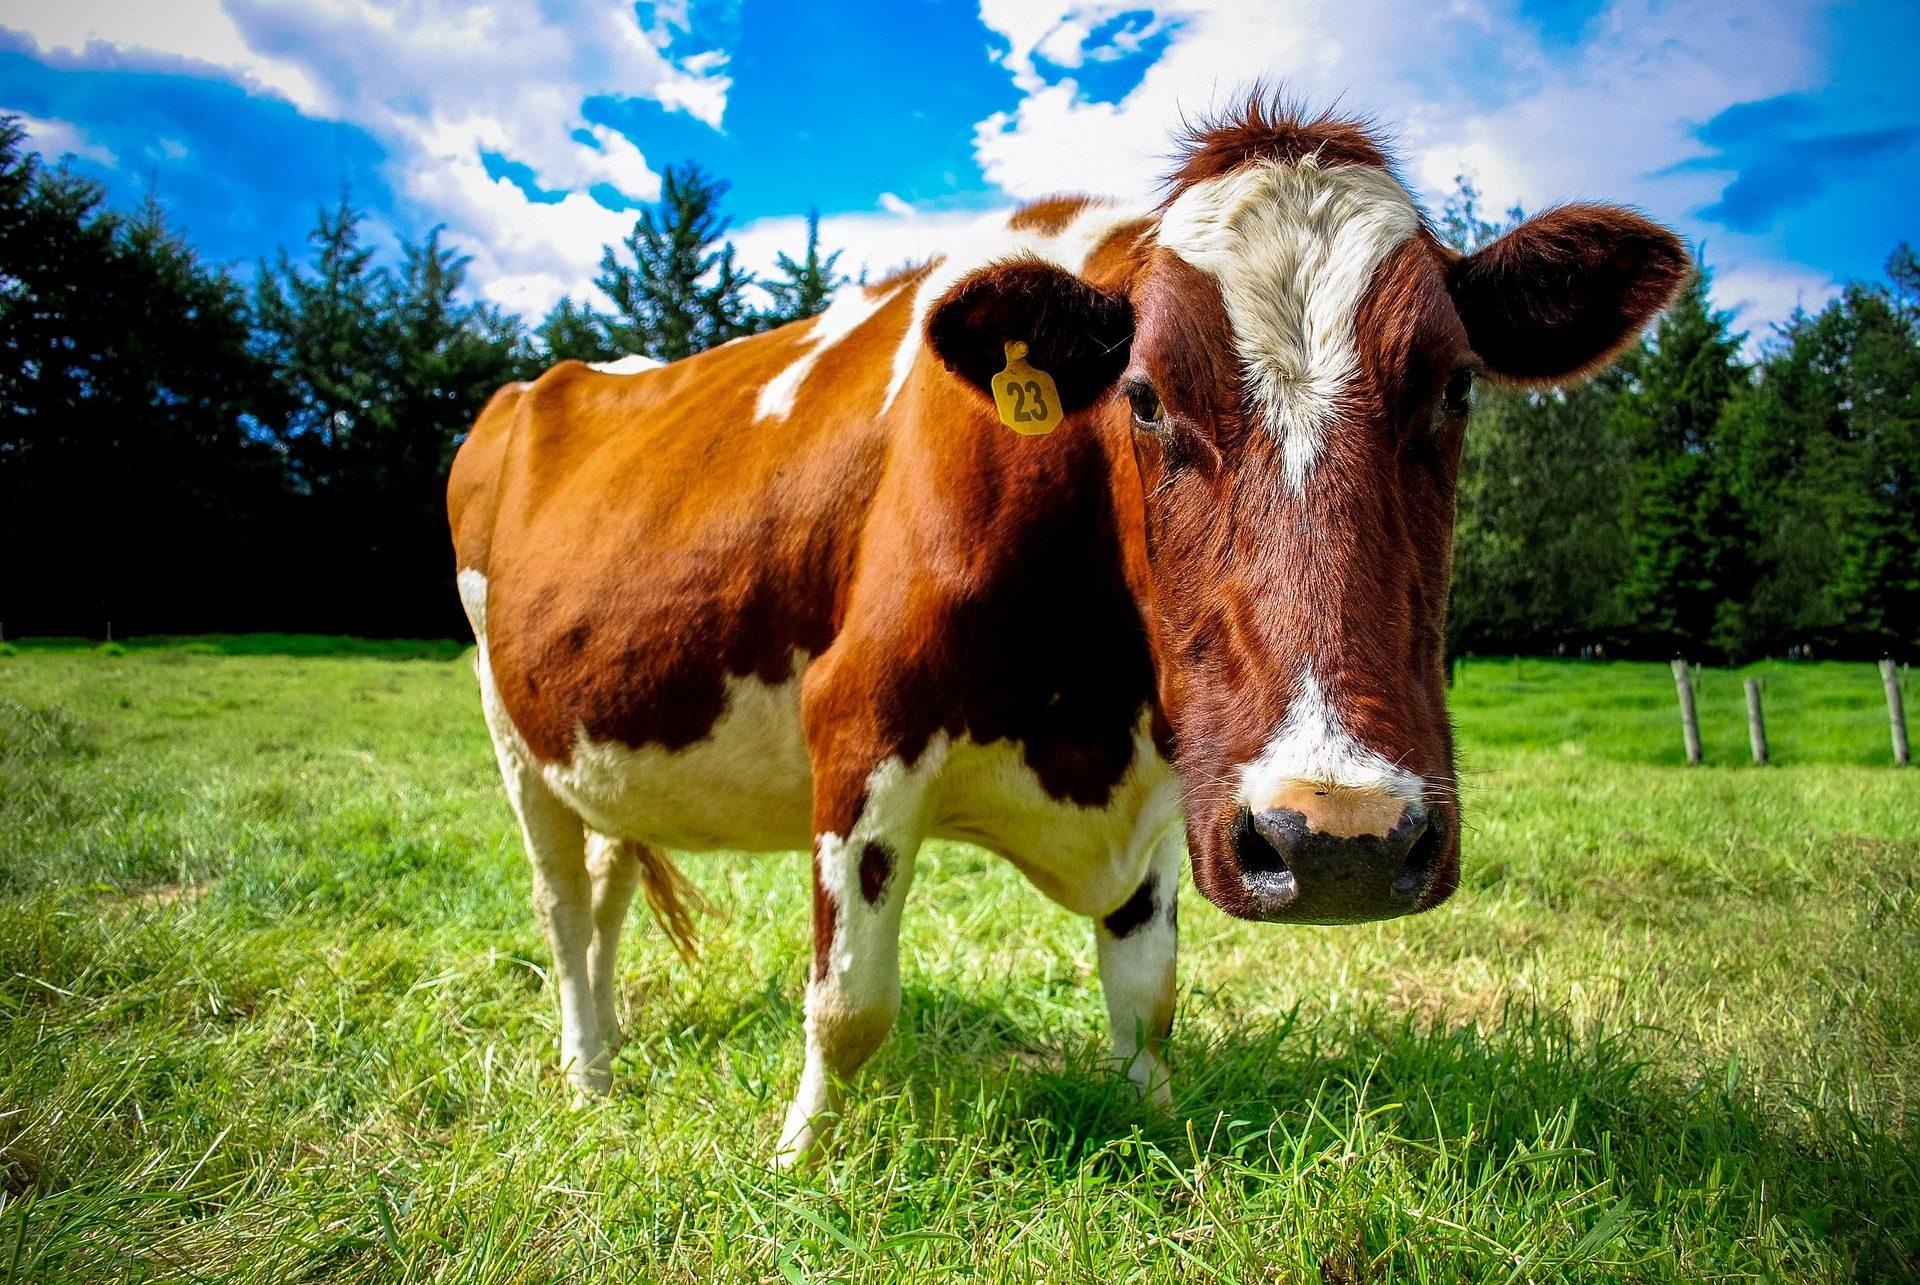 गाय, पशुधन, वील, चराई, PRADO, पेड़, बादल - HD वॉलपेपर - प्रोफेसर-falken.com